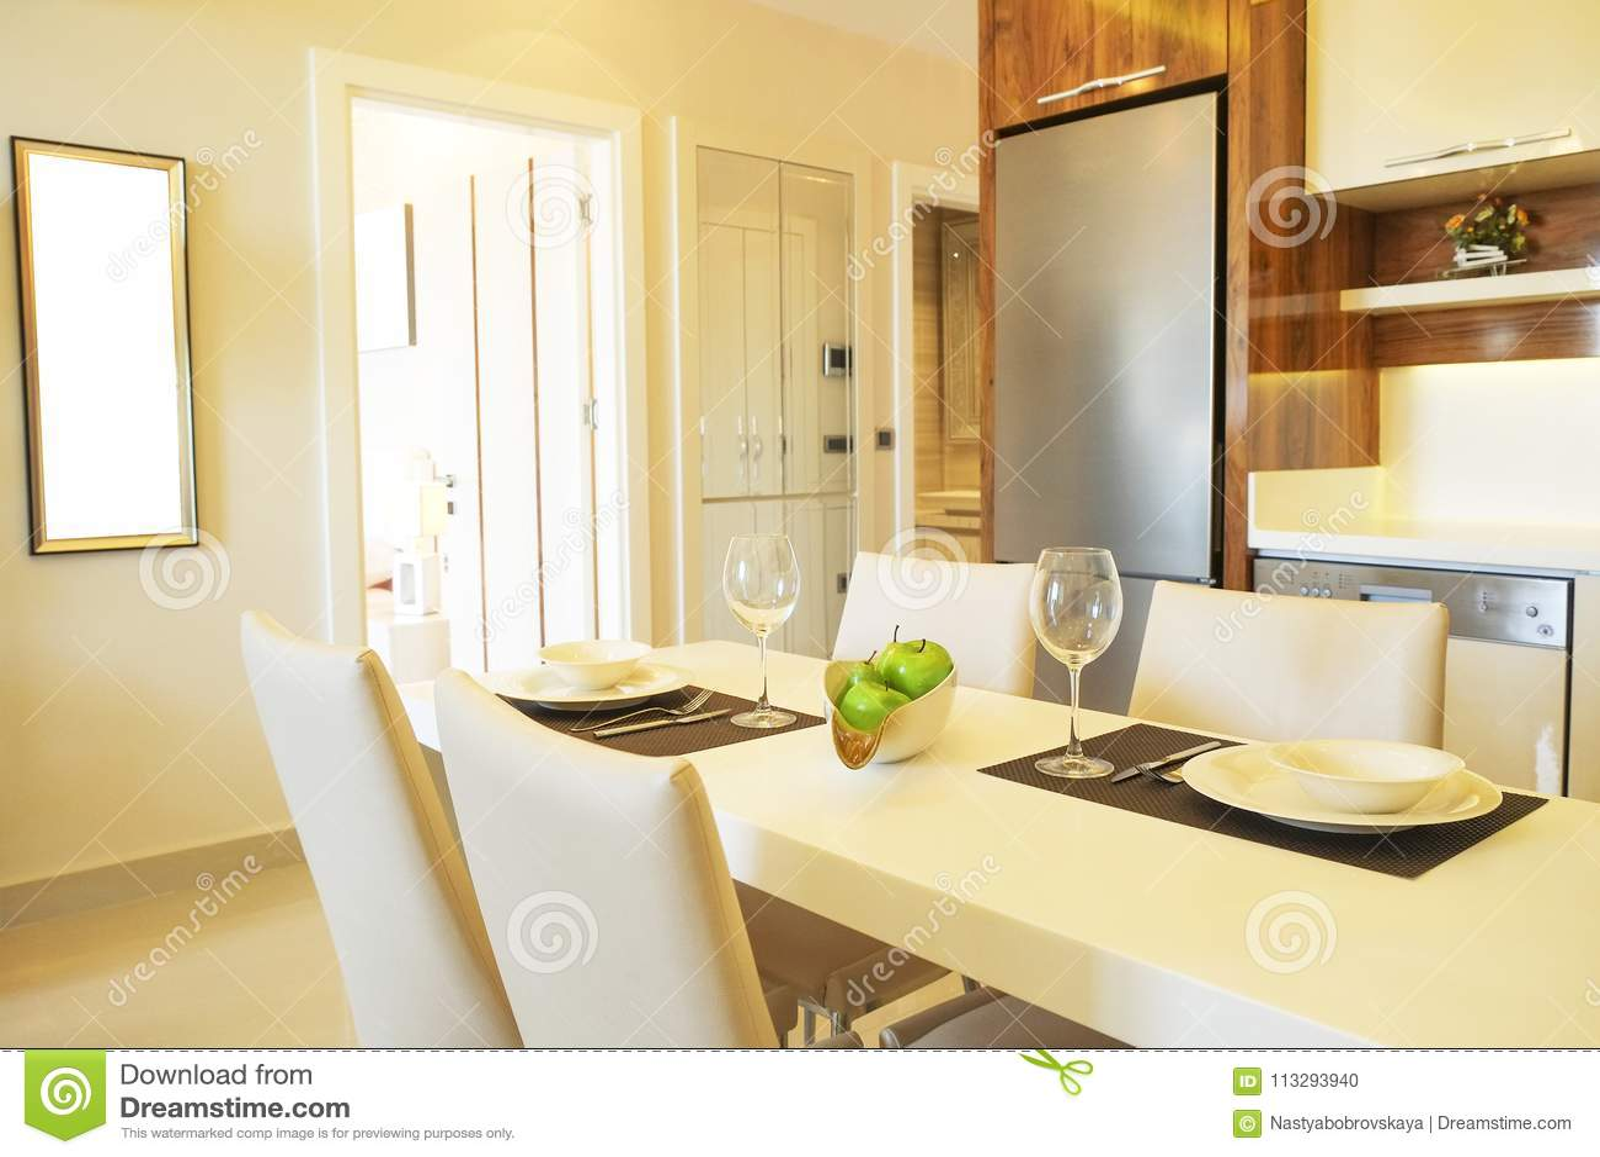 Mooie zon zijflat met eenvoudig minimalistic modern binnenlands ontwerp, de open woonkamer van de plankeuken in zonlicht